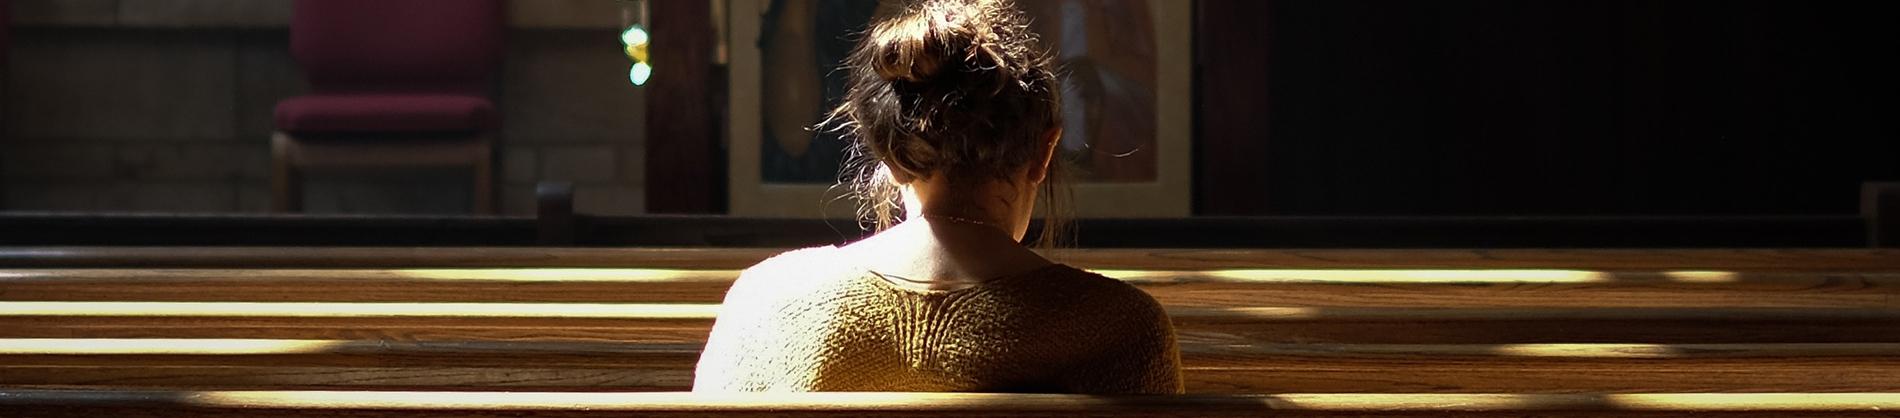 A women sat along in a church pew